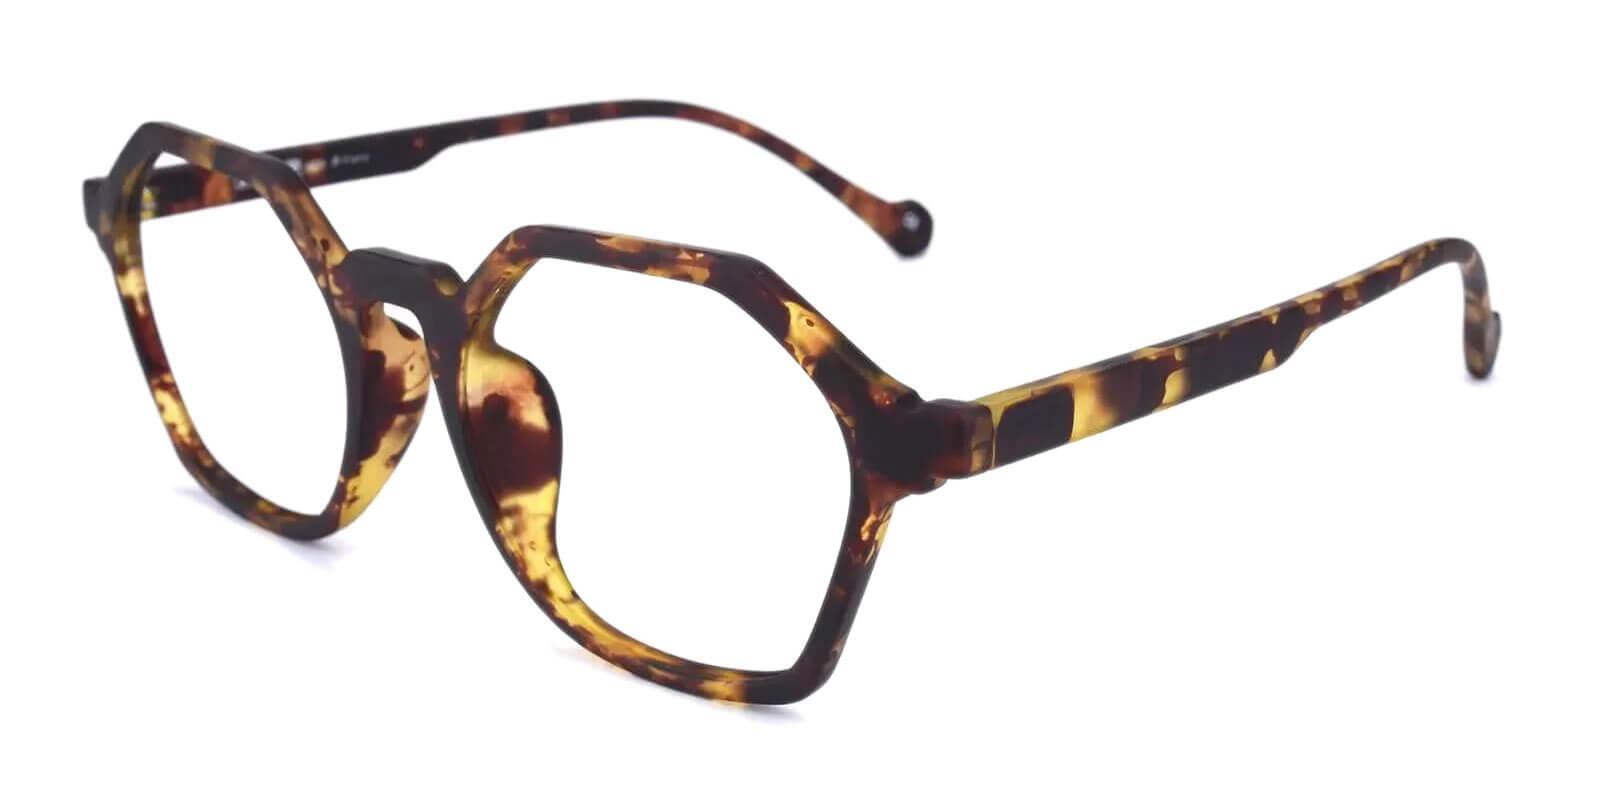 Sofia Tortoise TR Eyeglasses , UniversalBridgeFit Frames from ABBE Glasses